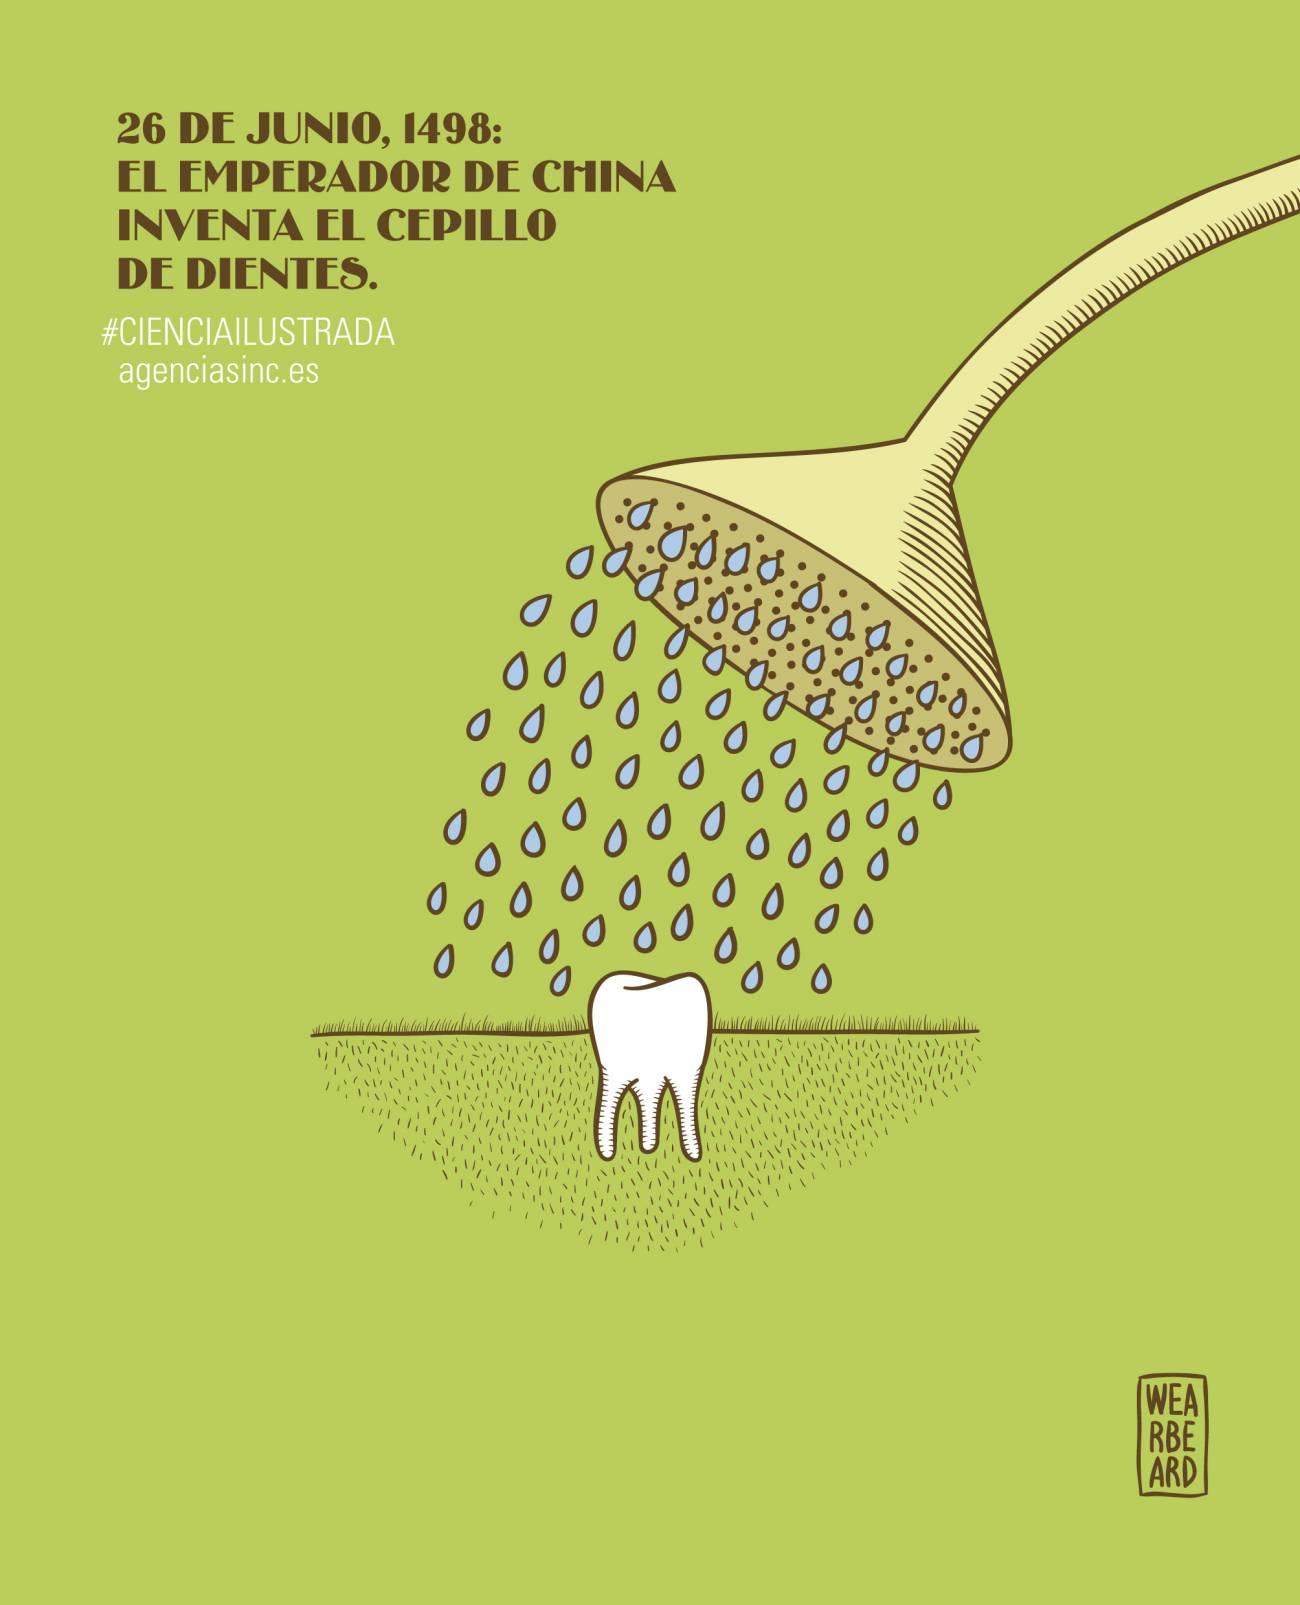 En 1498 un emperador chino inventa el cepillo de dientes.